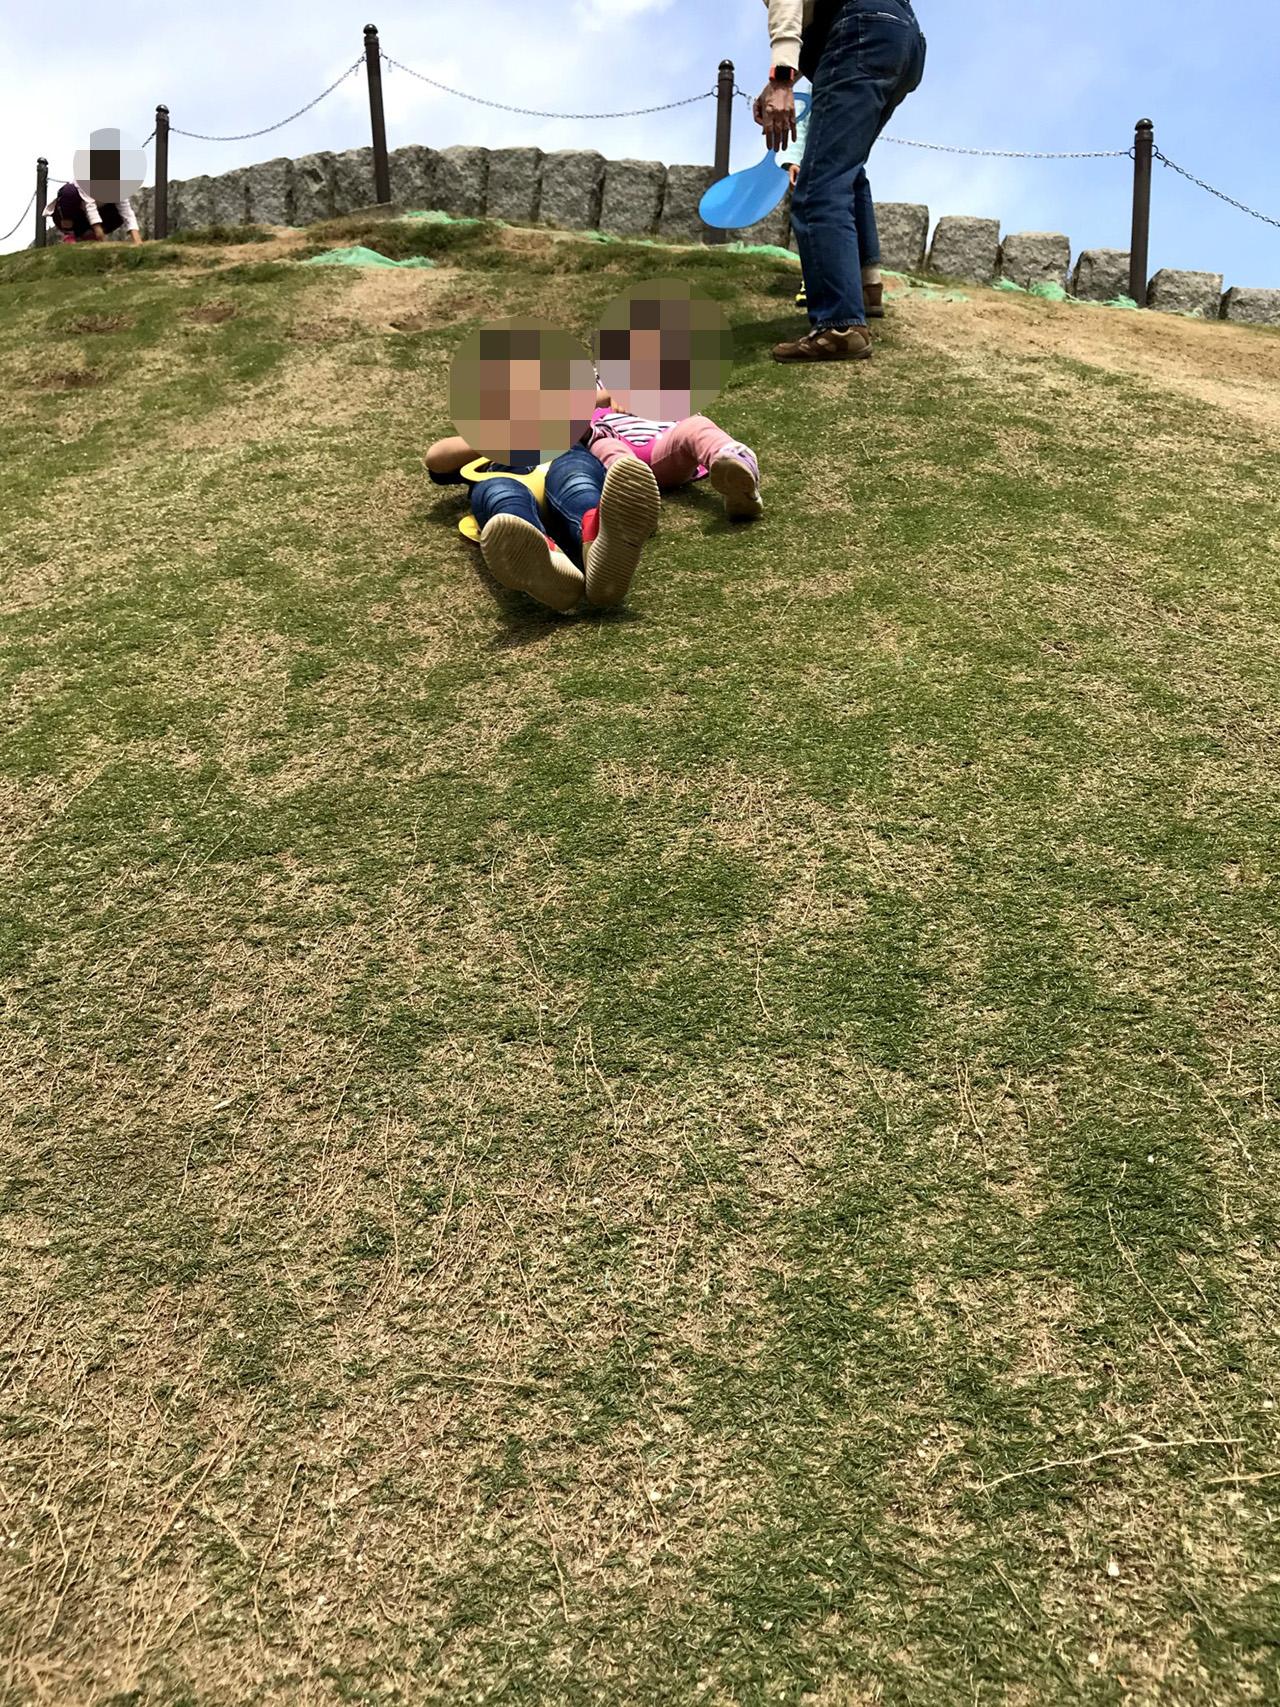 芝滑りを楽しむこどもたちの写真2